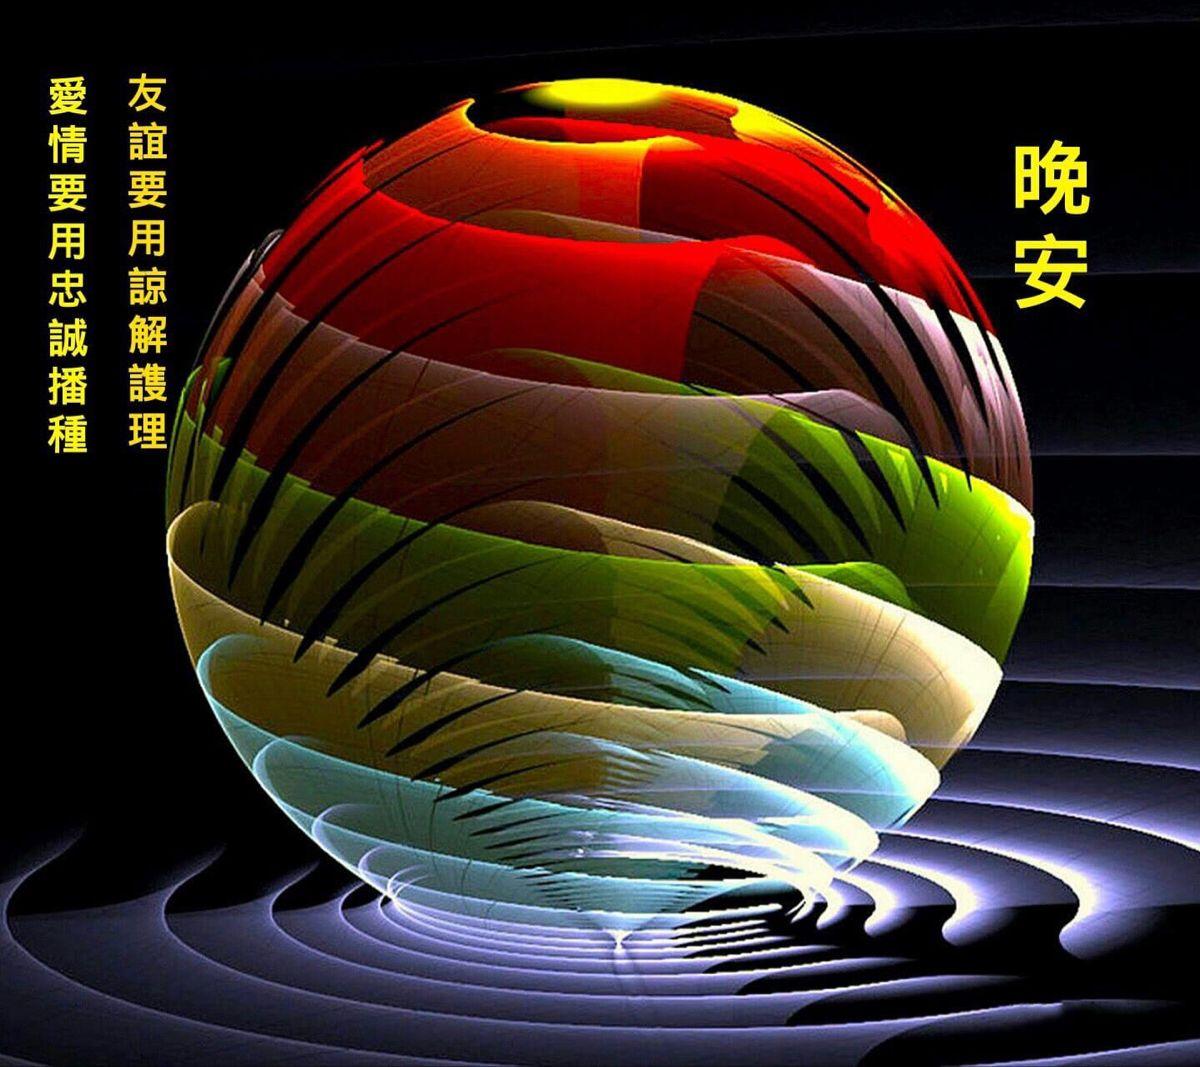 Pin by Li Shu Zhang on 晚安溫馨能量圖片 in 2020 Hd nature